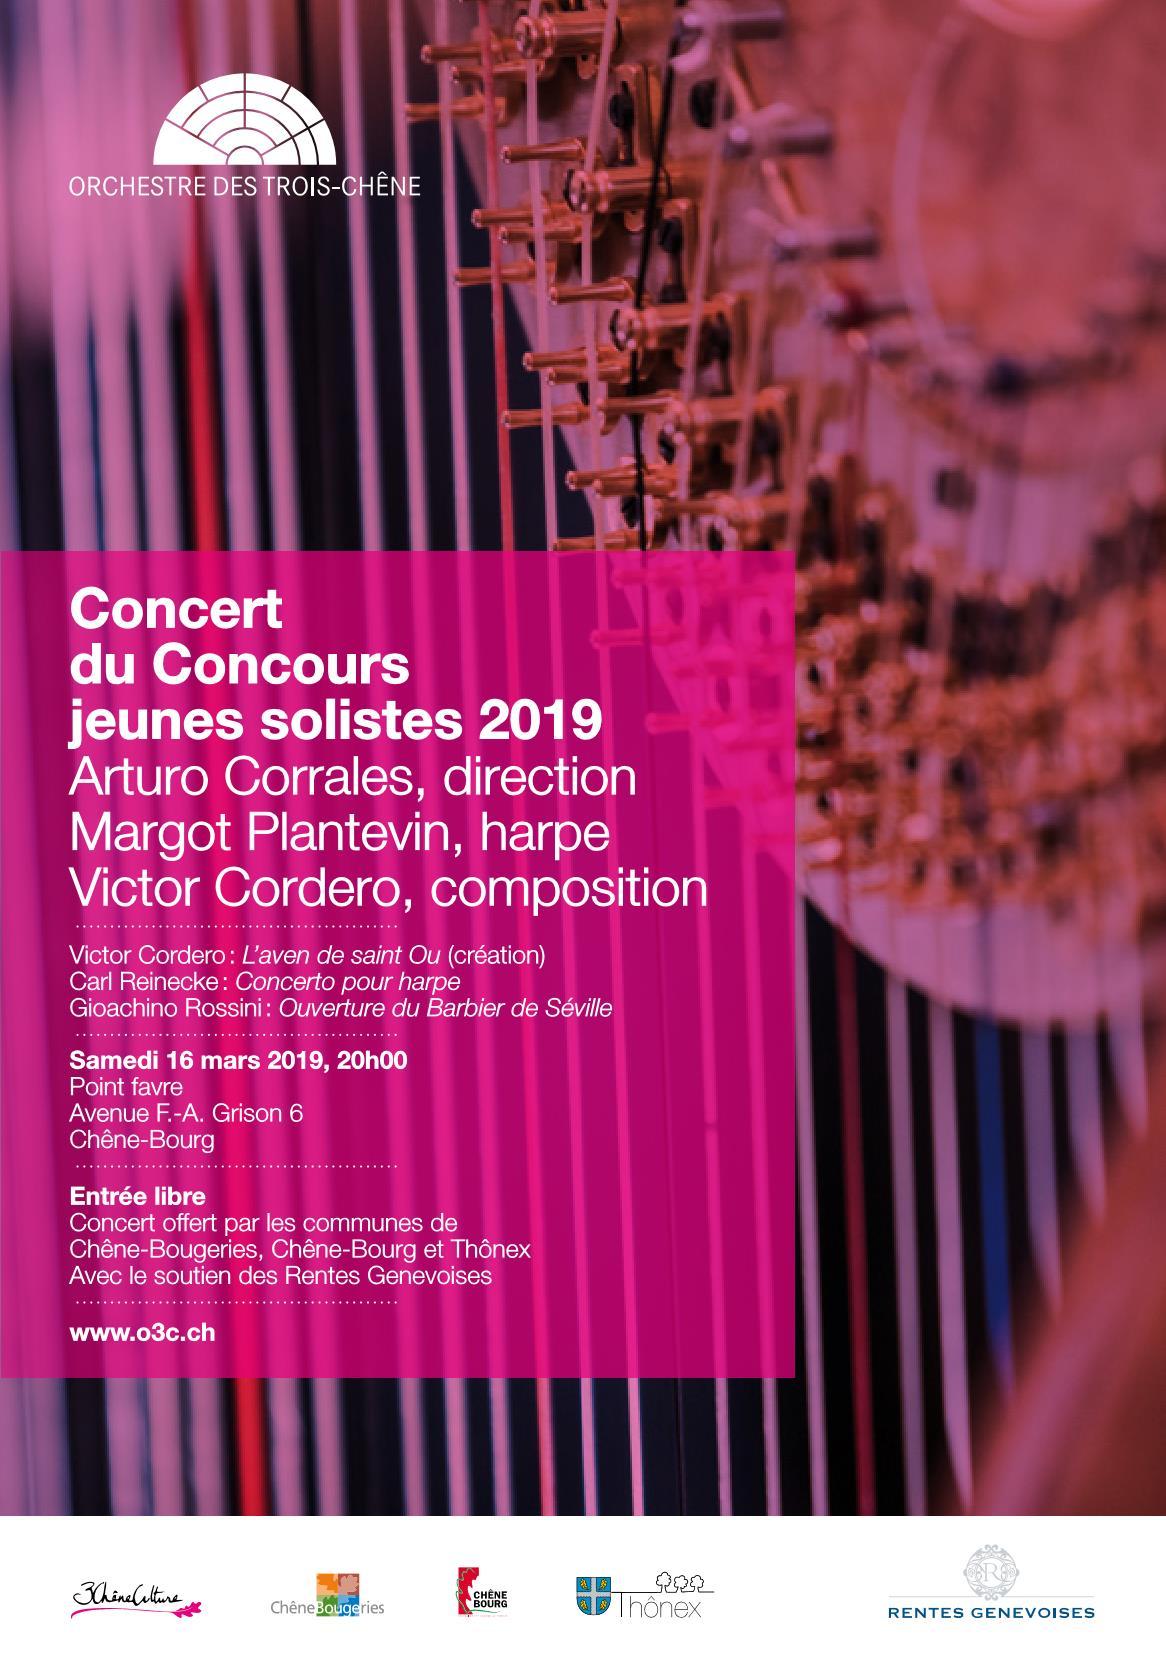 Flyer Concert du Concours jeunes solistes 2019